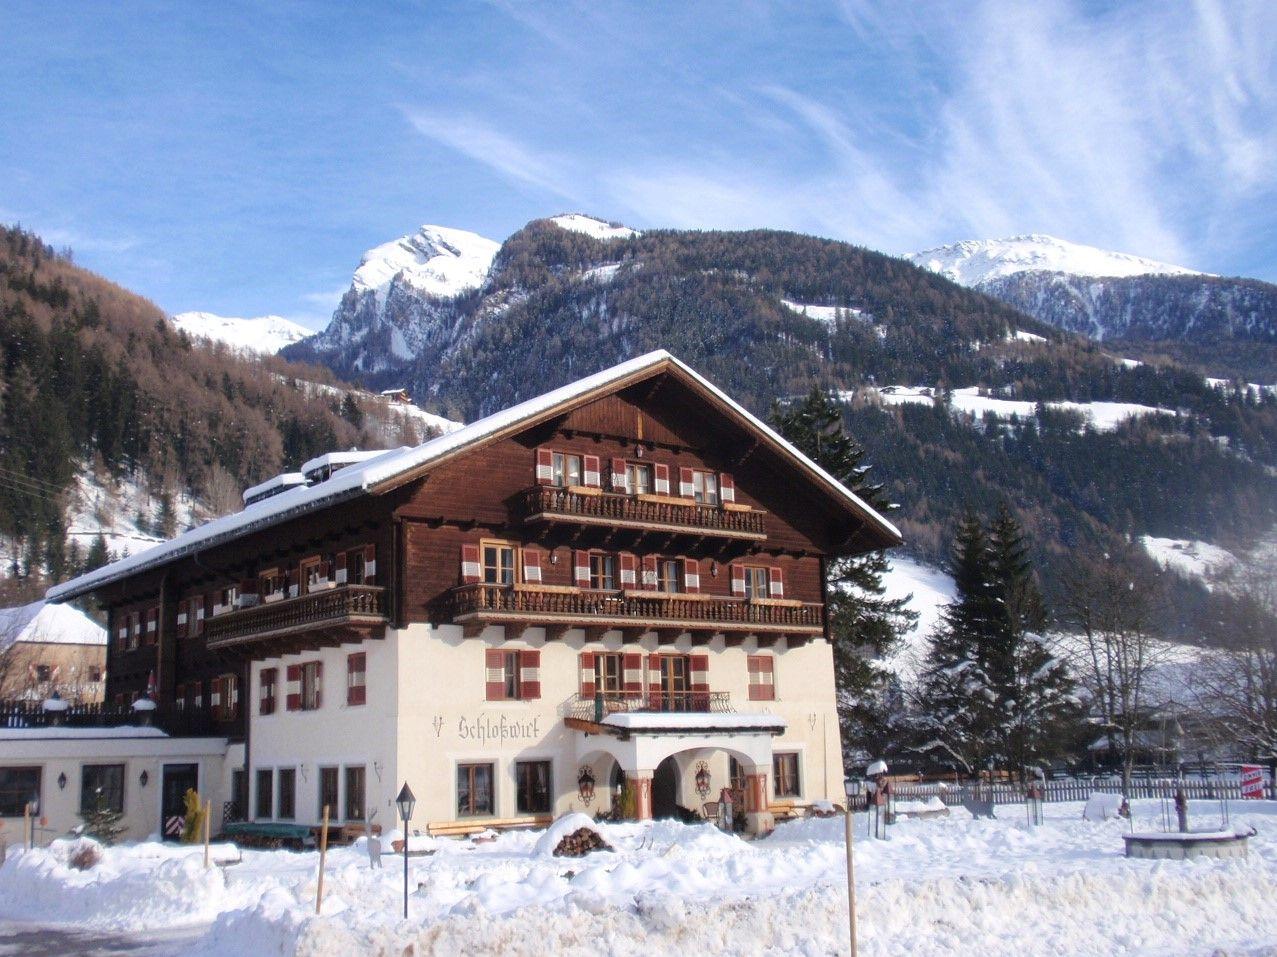 Hotel Schlosswirt - Slide 1